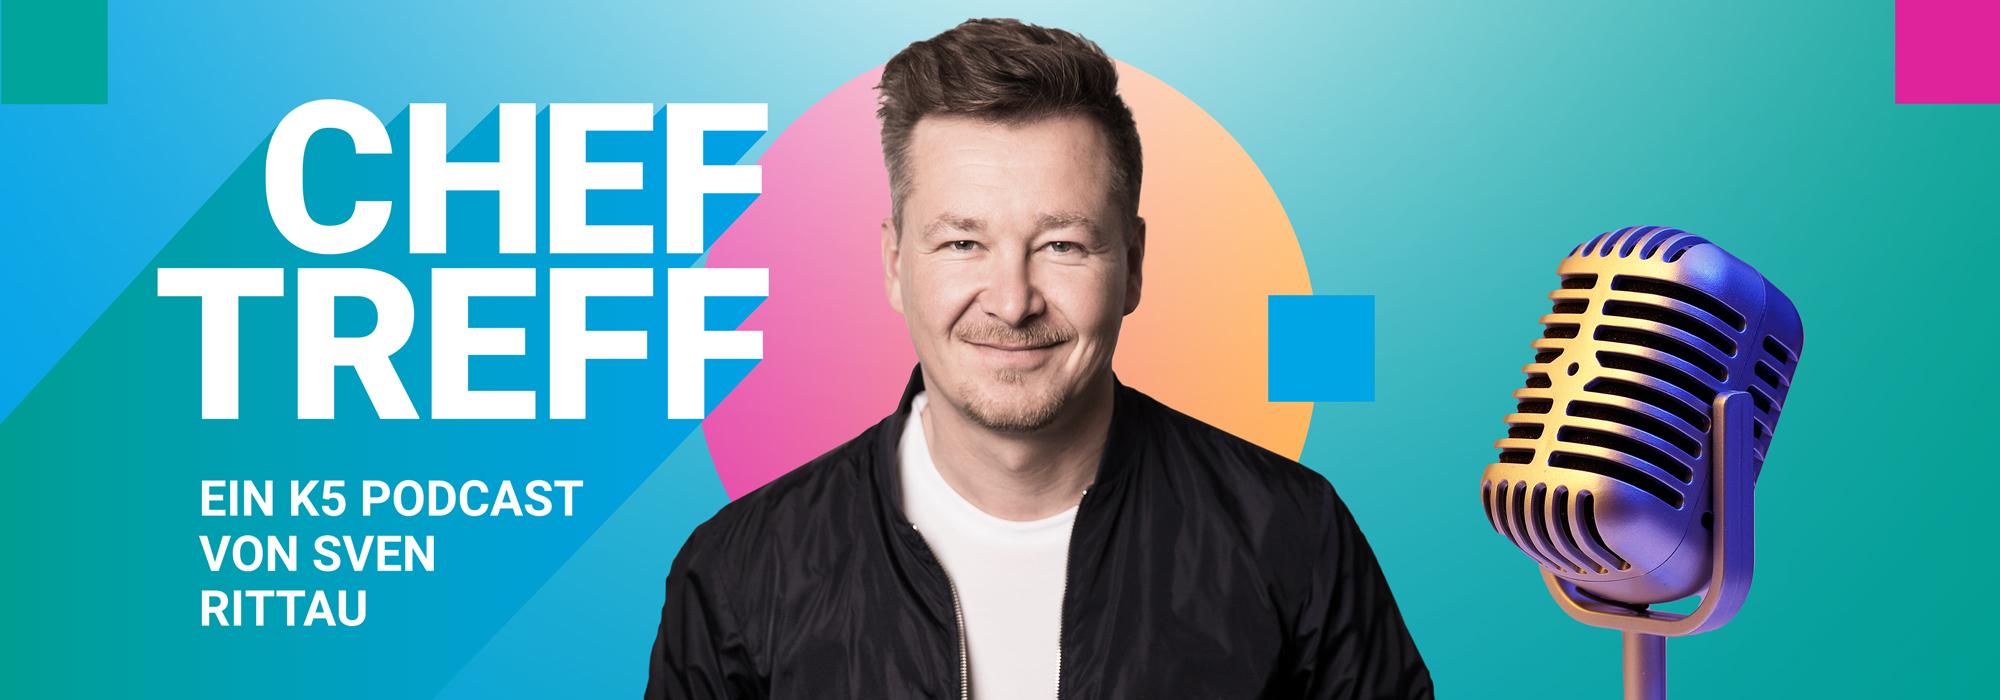 Cheftreff Podcast mit Sven Rittau